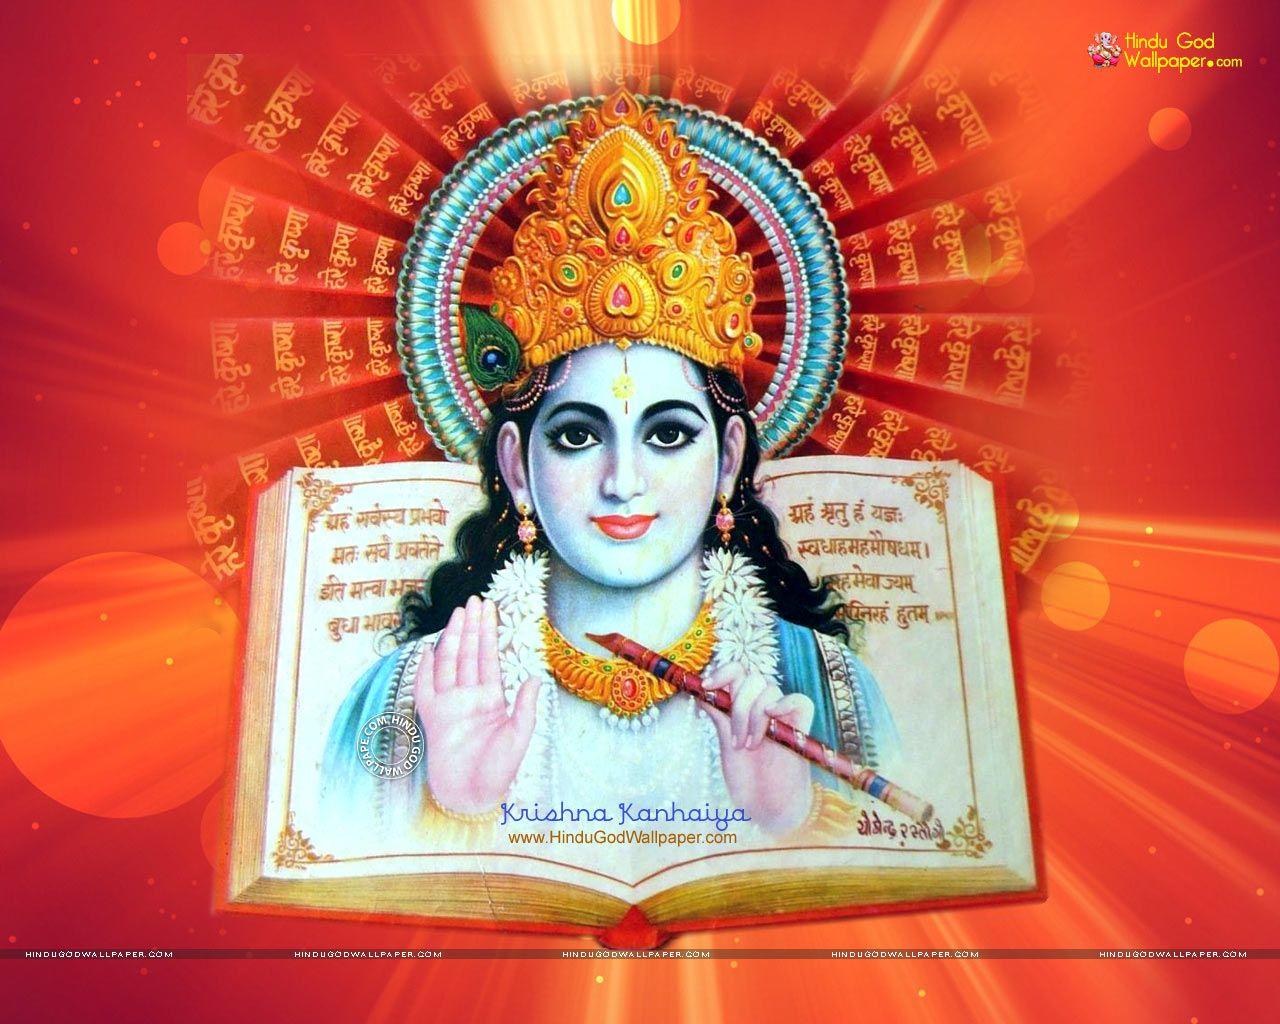 Wallpaper download karna hai - Beautiful Krishna Kanhaiya Hd Wallpaper Free Download